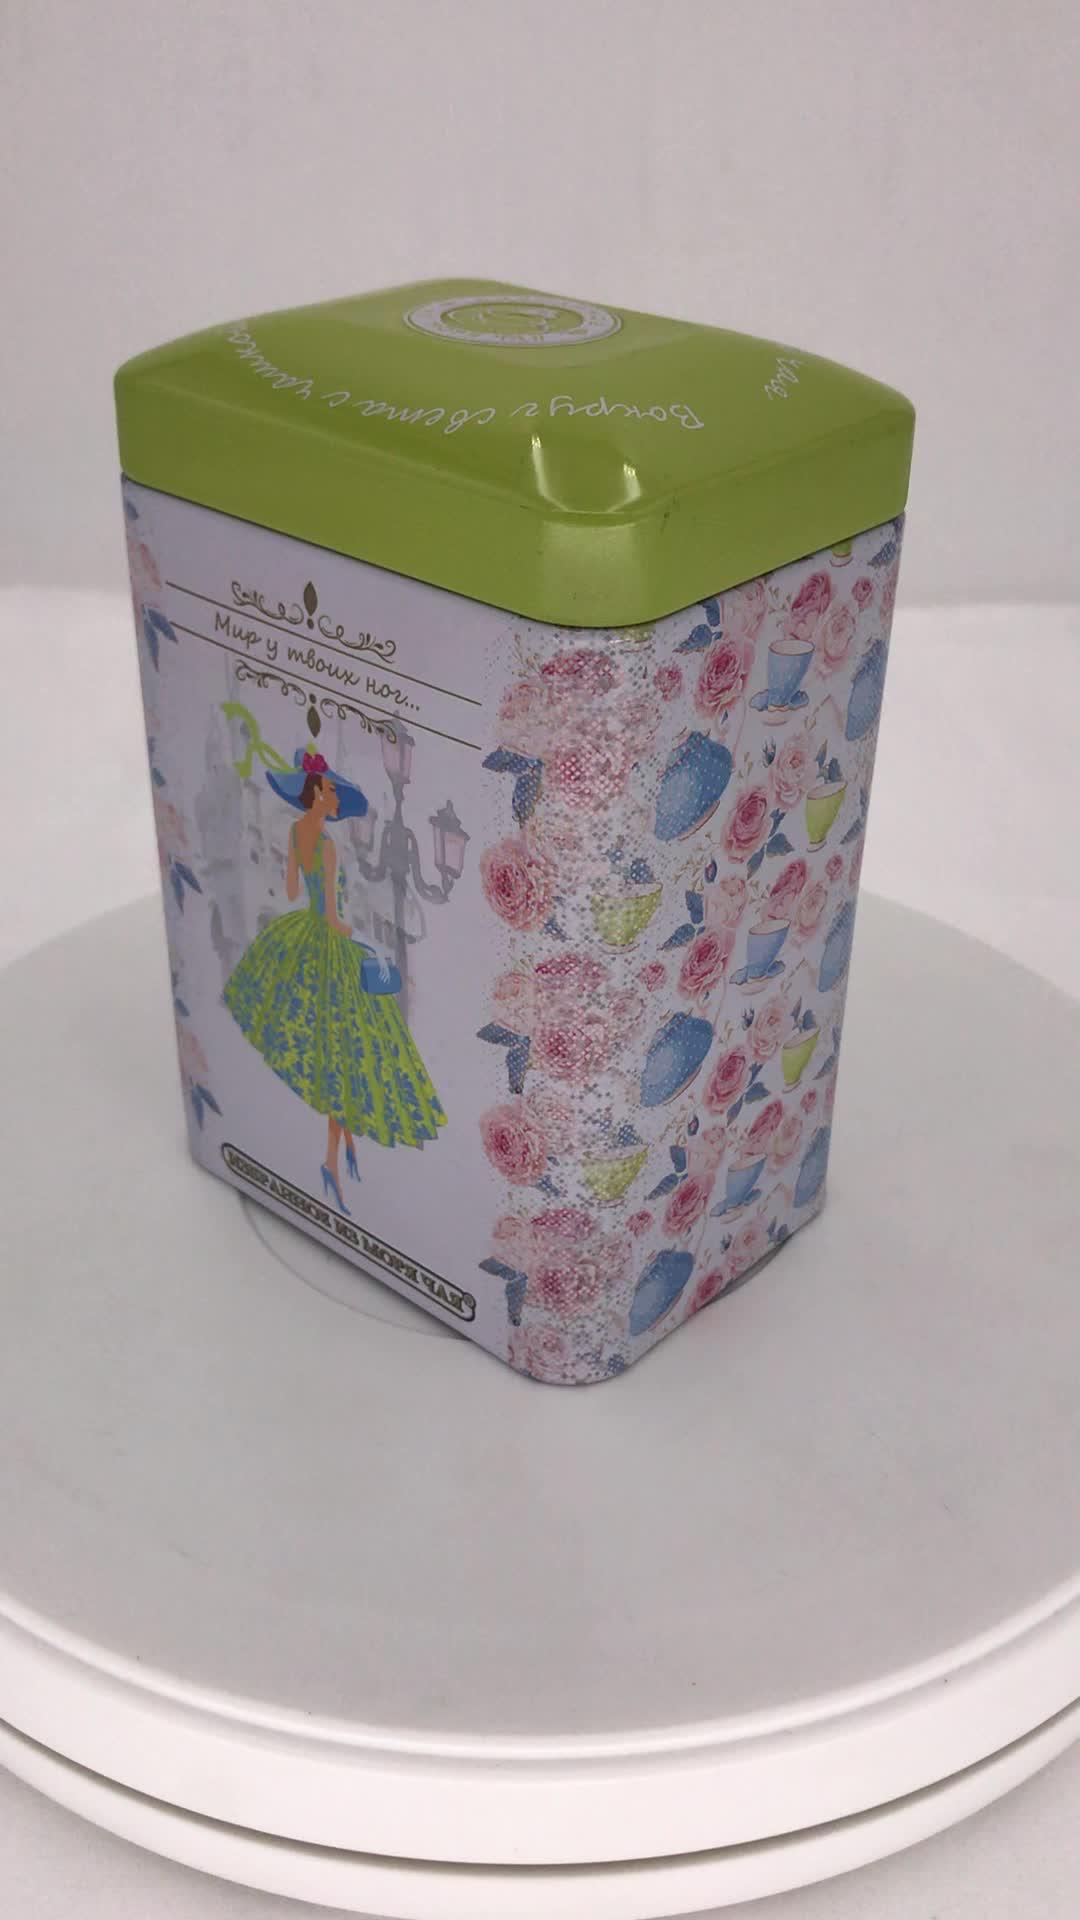 长方形拱盖茶叶铁罐定做 茶叶马口铁罐工厂 花茶马口铁盒制罐厂